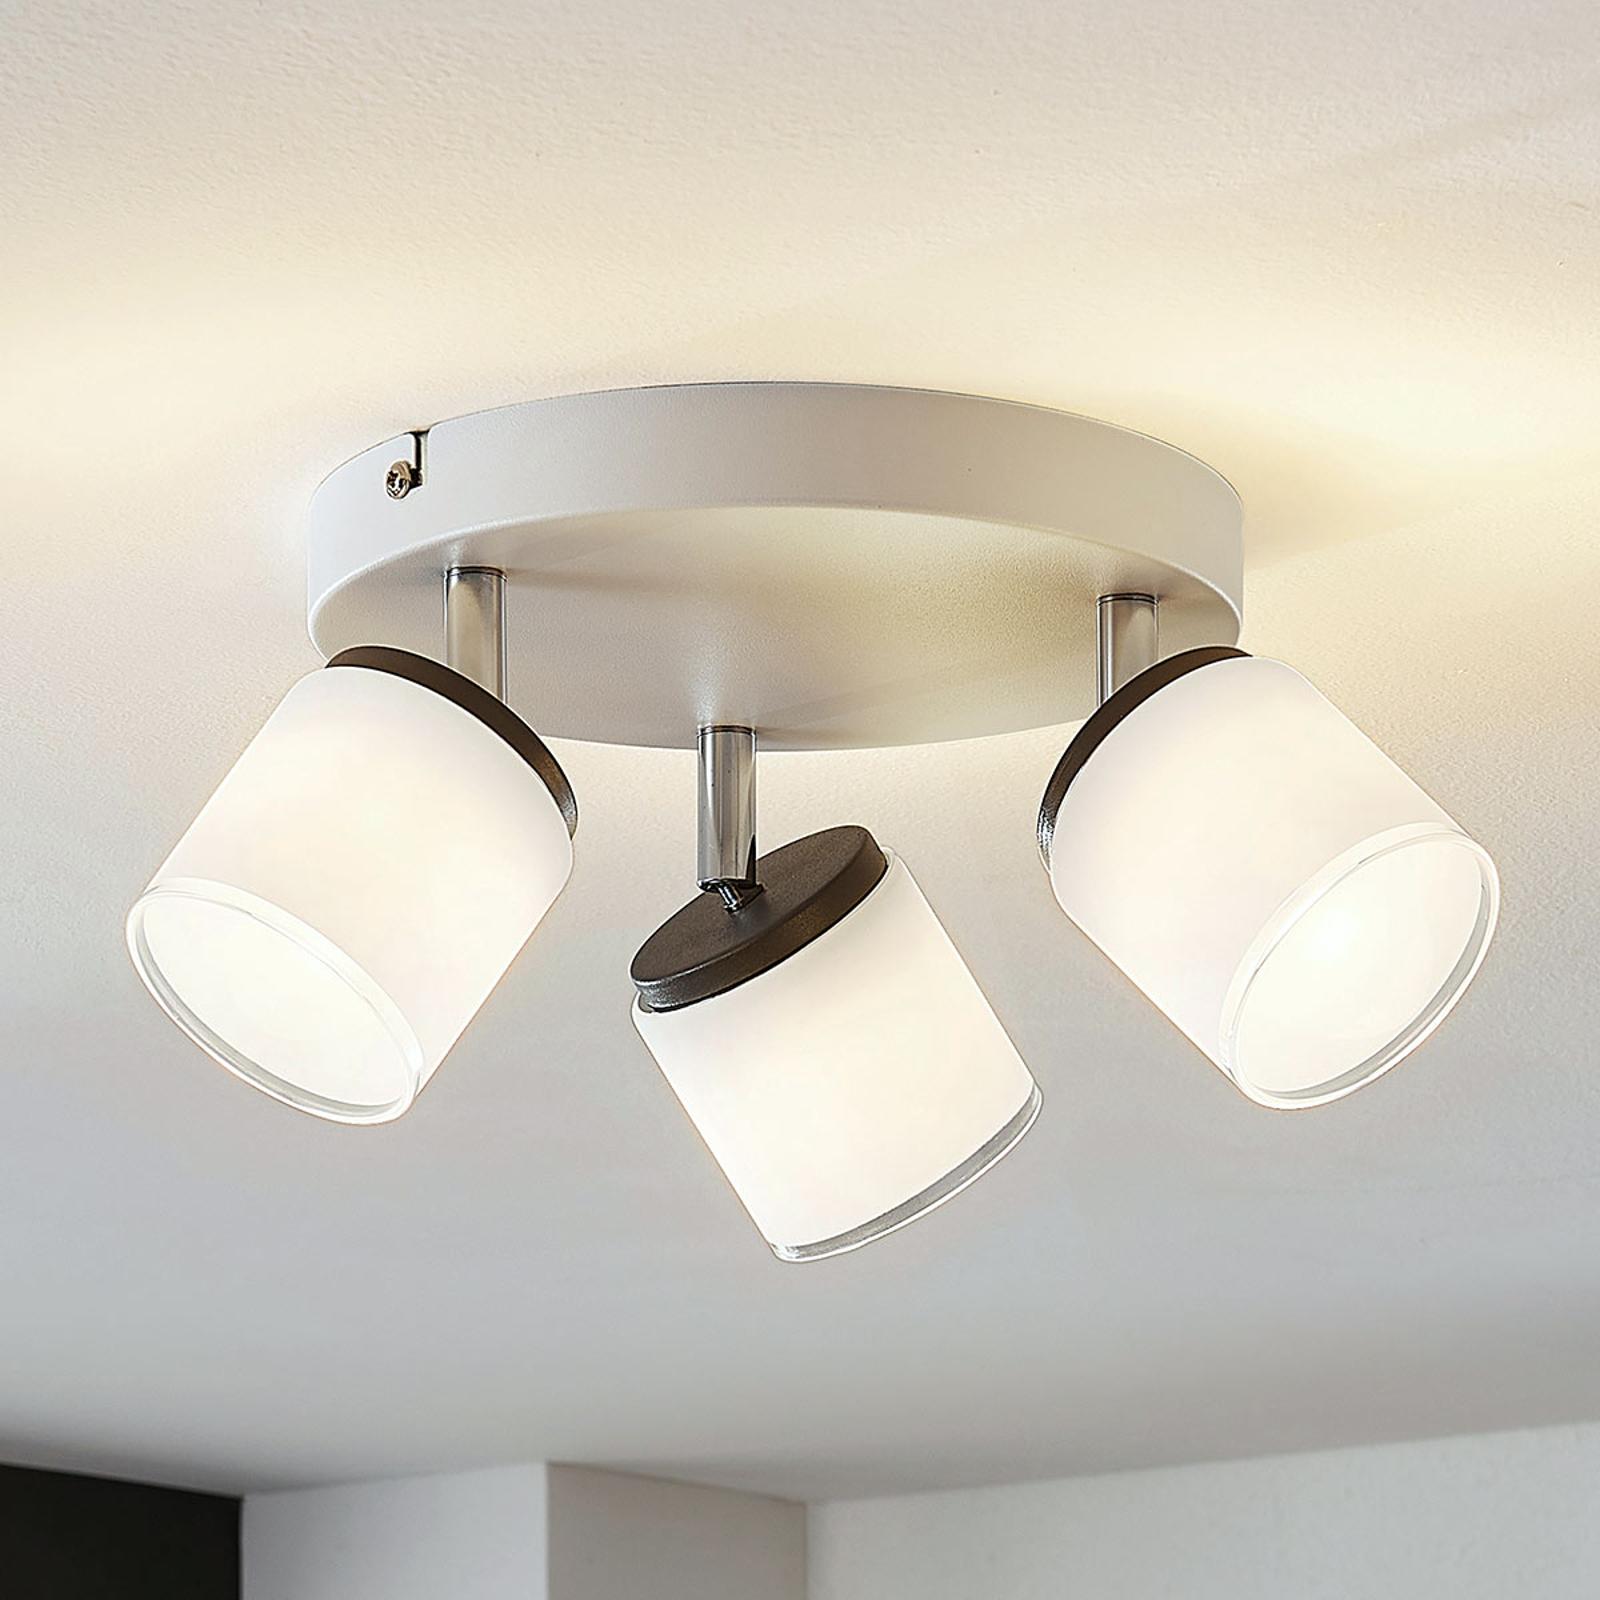 Faretto da soffitto LED Futura a 3 luci, tondo